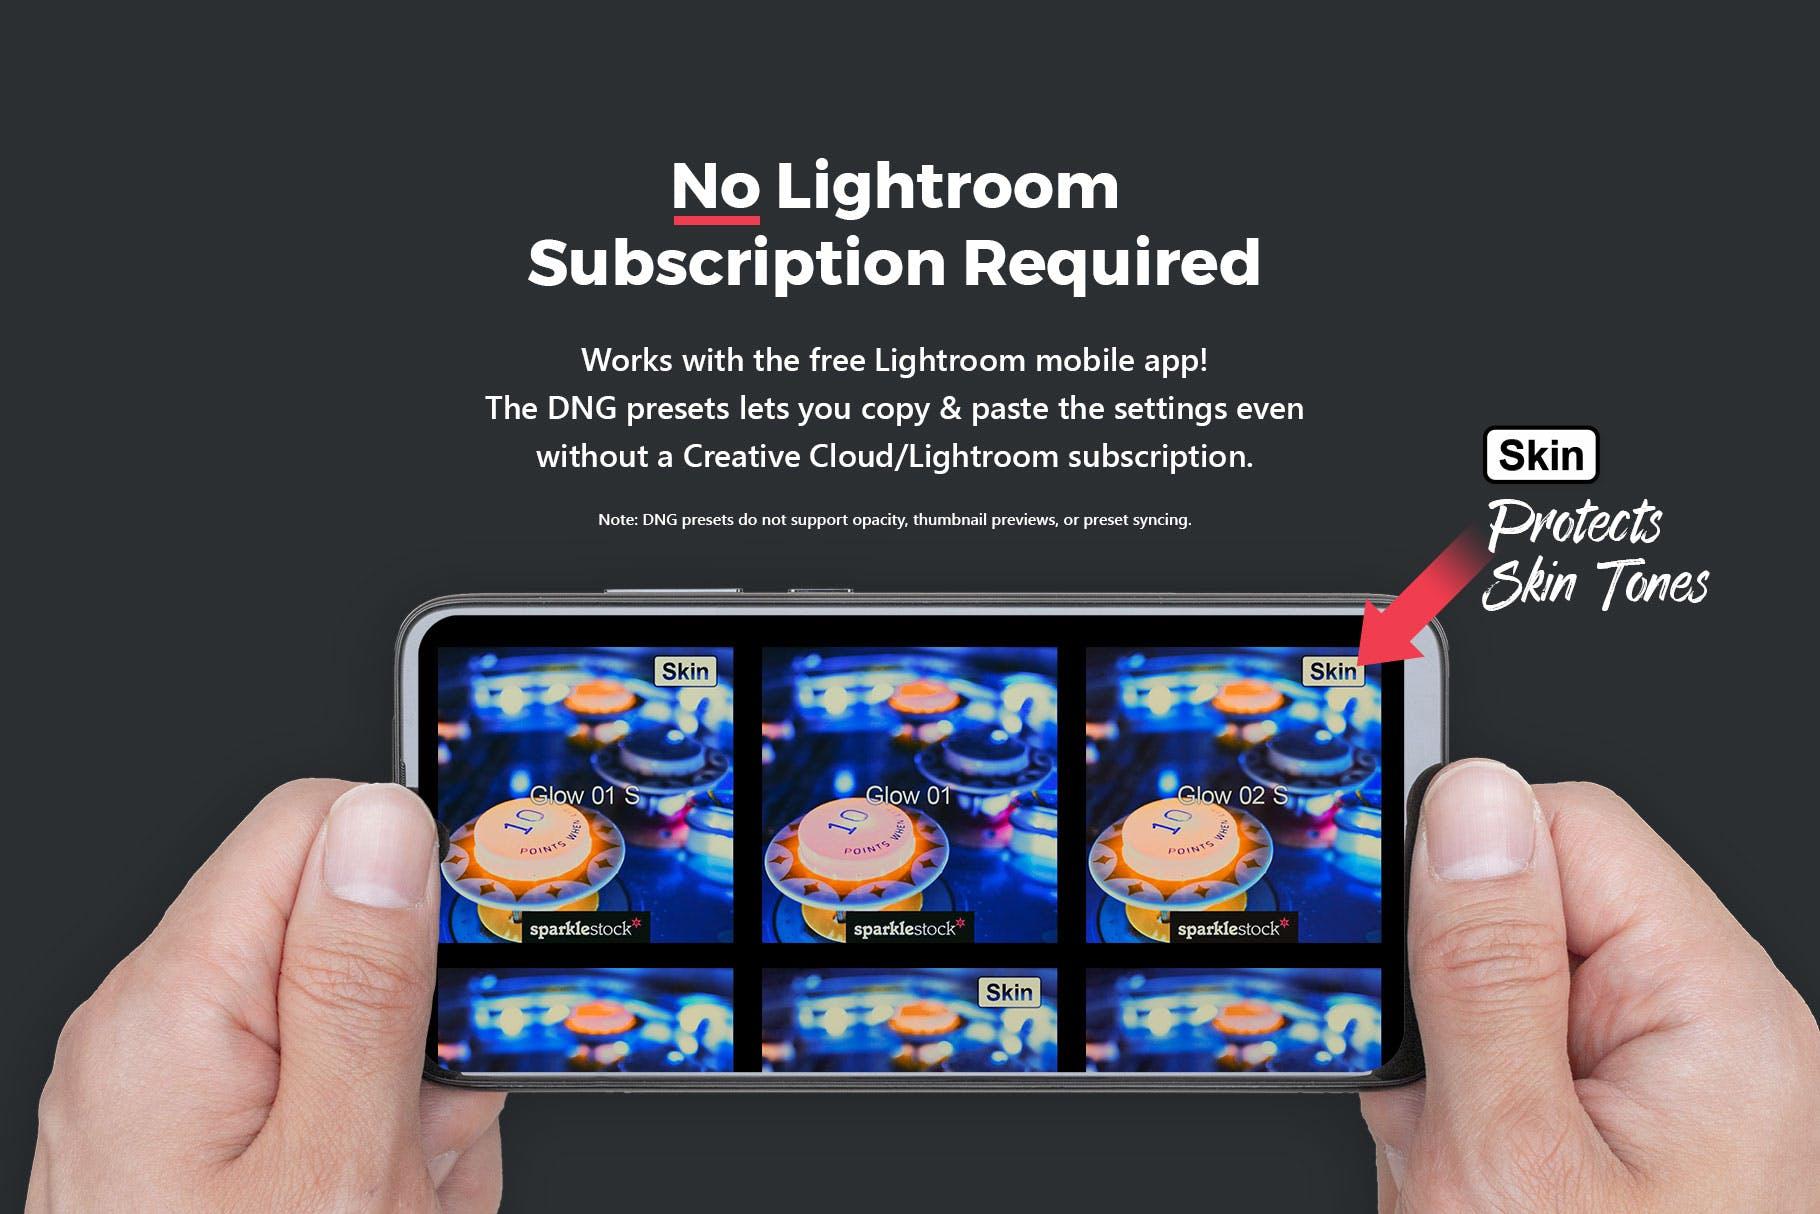 都市街道霓虹灯摄影后期LR预设 20 Black Light Lightroom Presets & LUTs设计素材模板